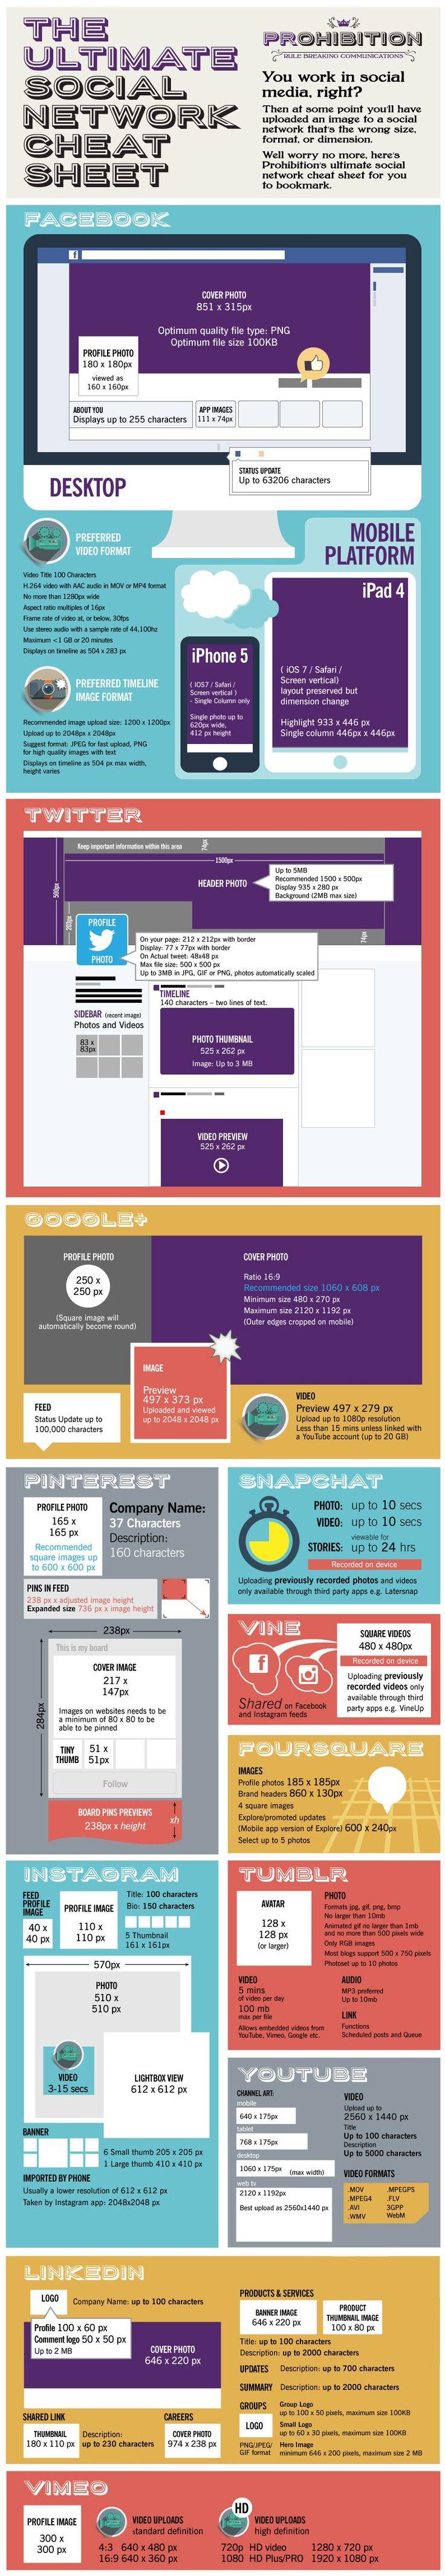 The Ultimate #SocialMedia Cheat Sheet For Facebook, GooglePlus, Twitter, #Pinterest, Instagram, LinkedIn, Vine, Snapchat, Foursquare, Tumblr, YouTube, Vimeo - #infographic